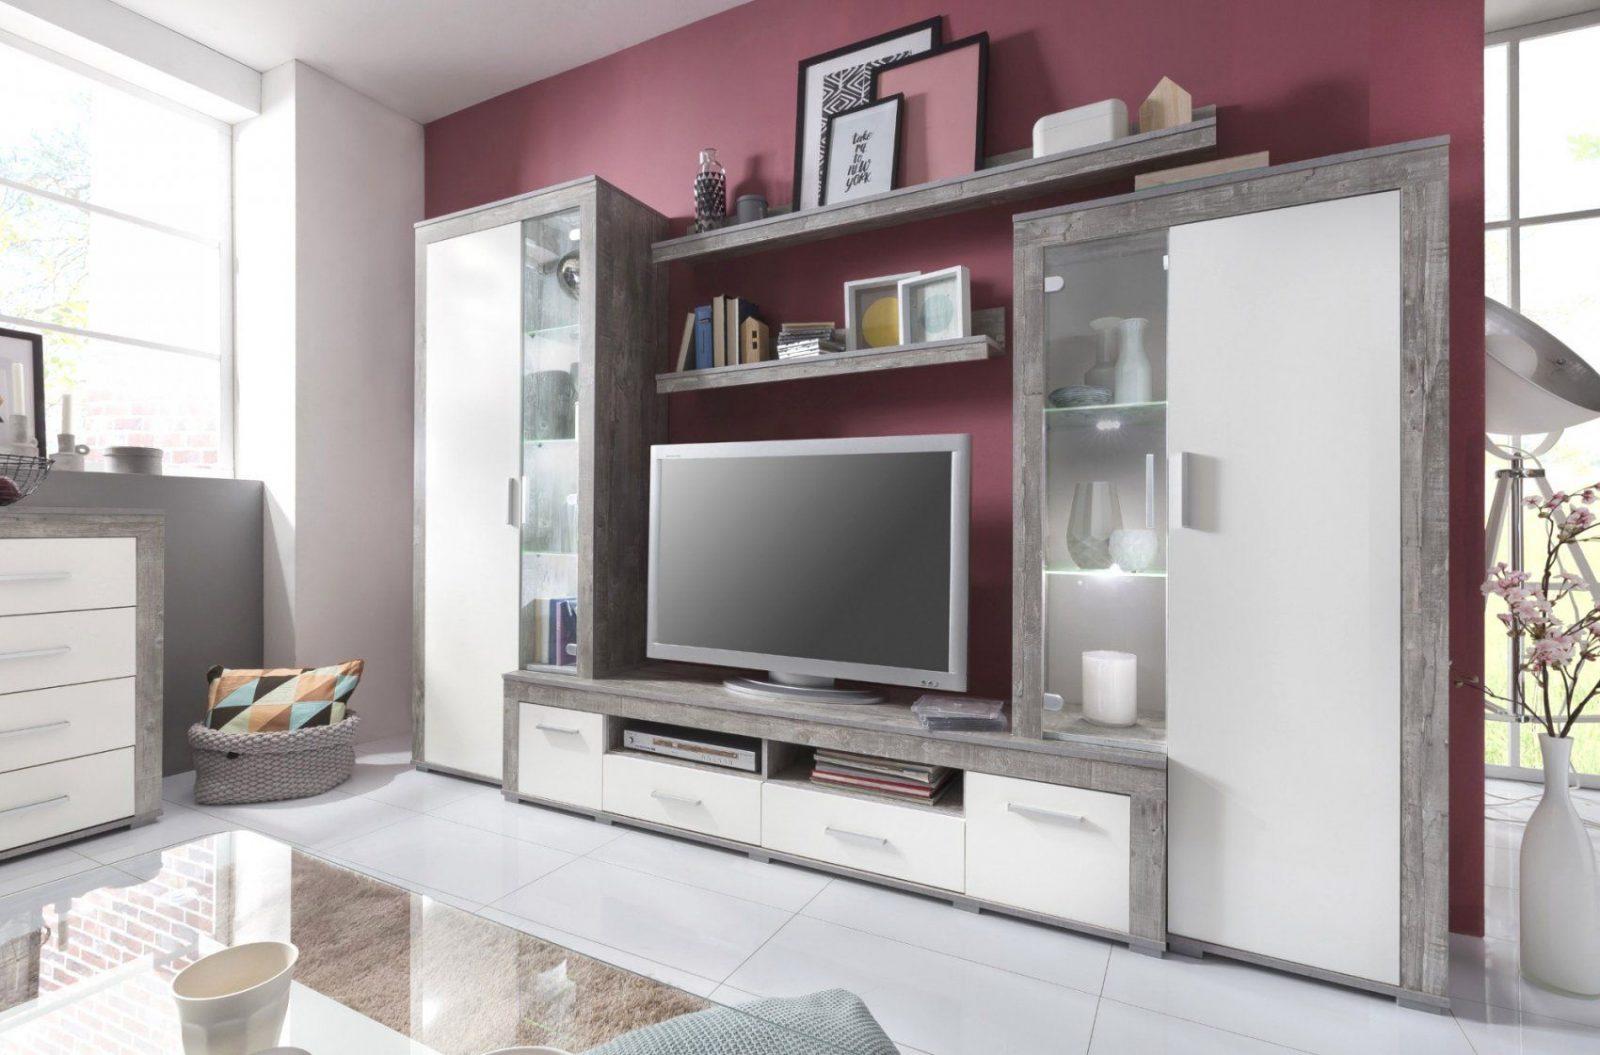 Wondrous Inspration Wohnwand Auf Rechnung  Home Ideas von Wohnwand Auf Raten Kaufen Bild